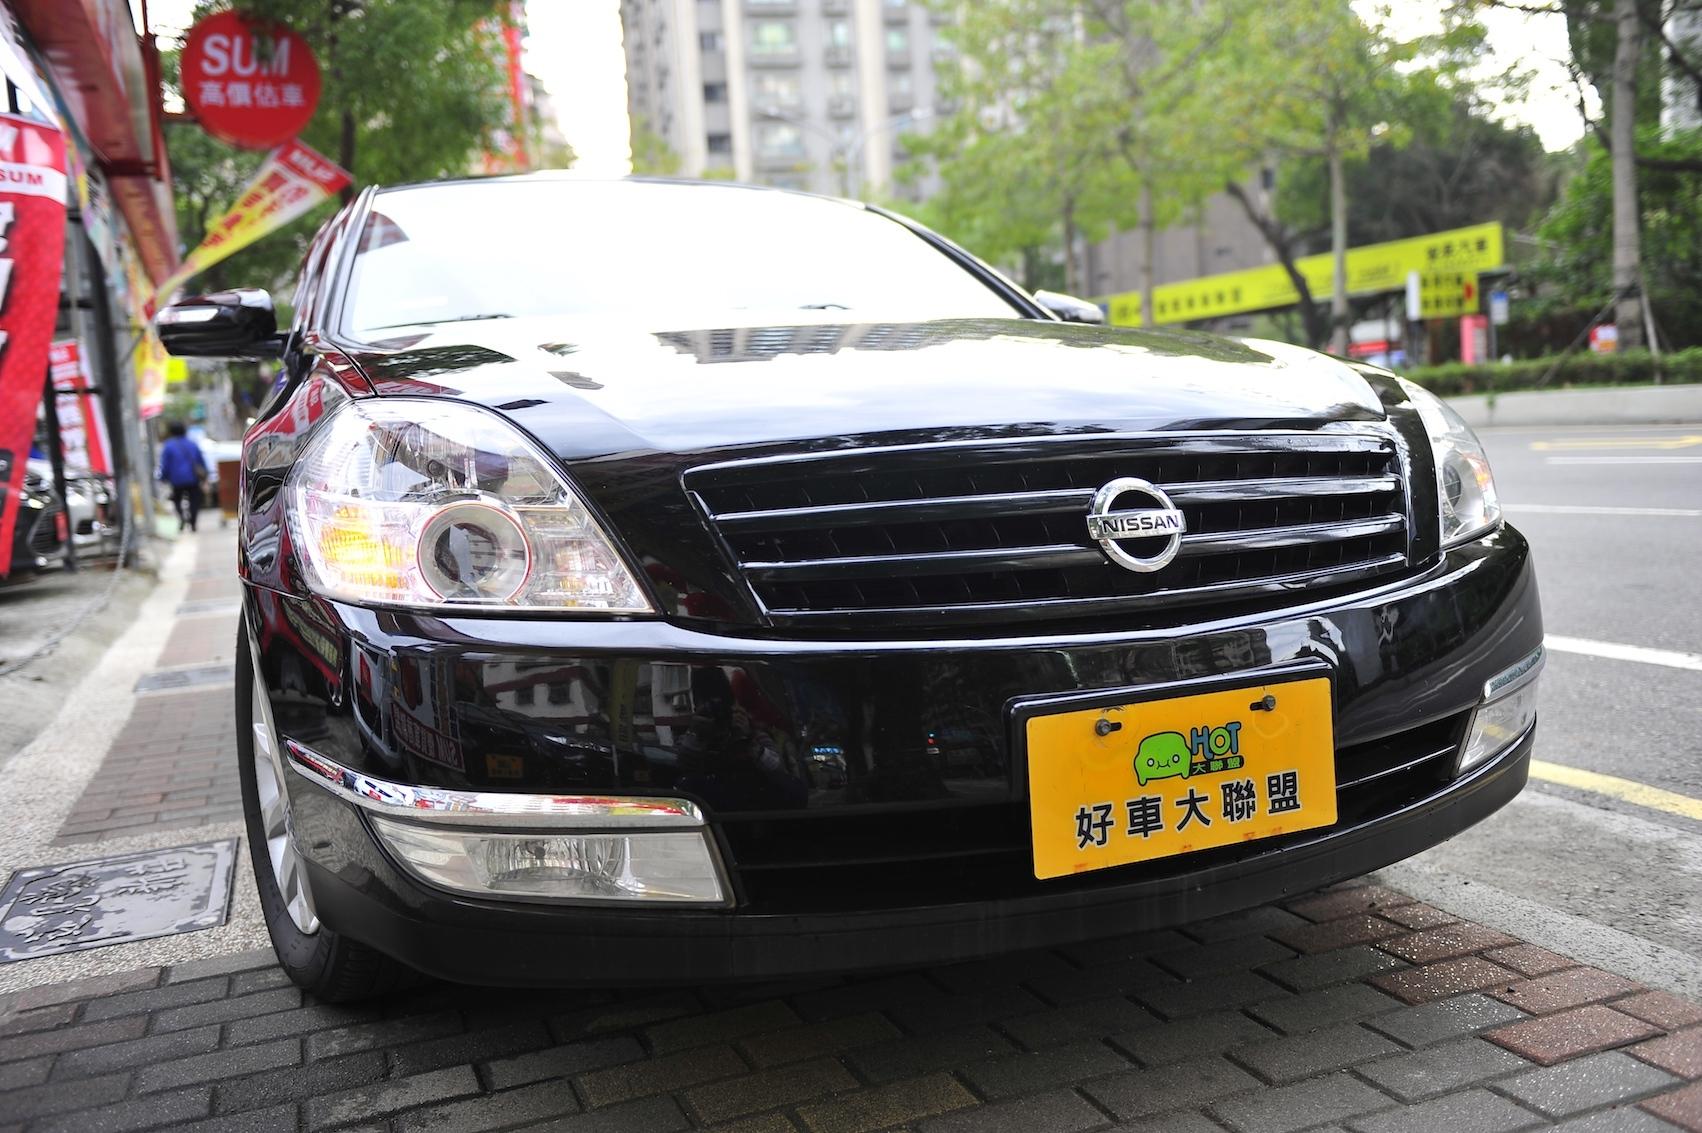 2007 Nissan Teana